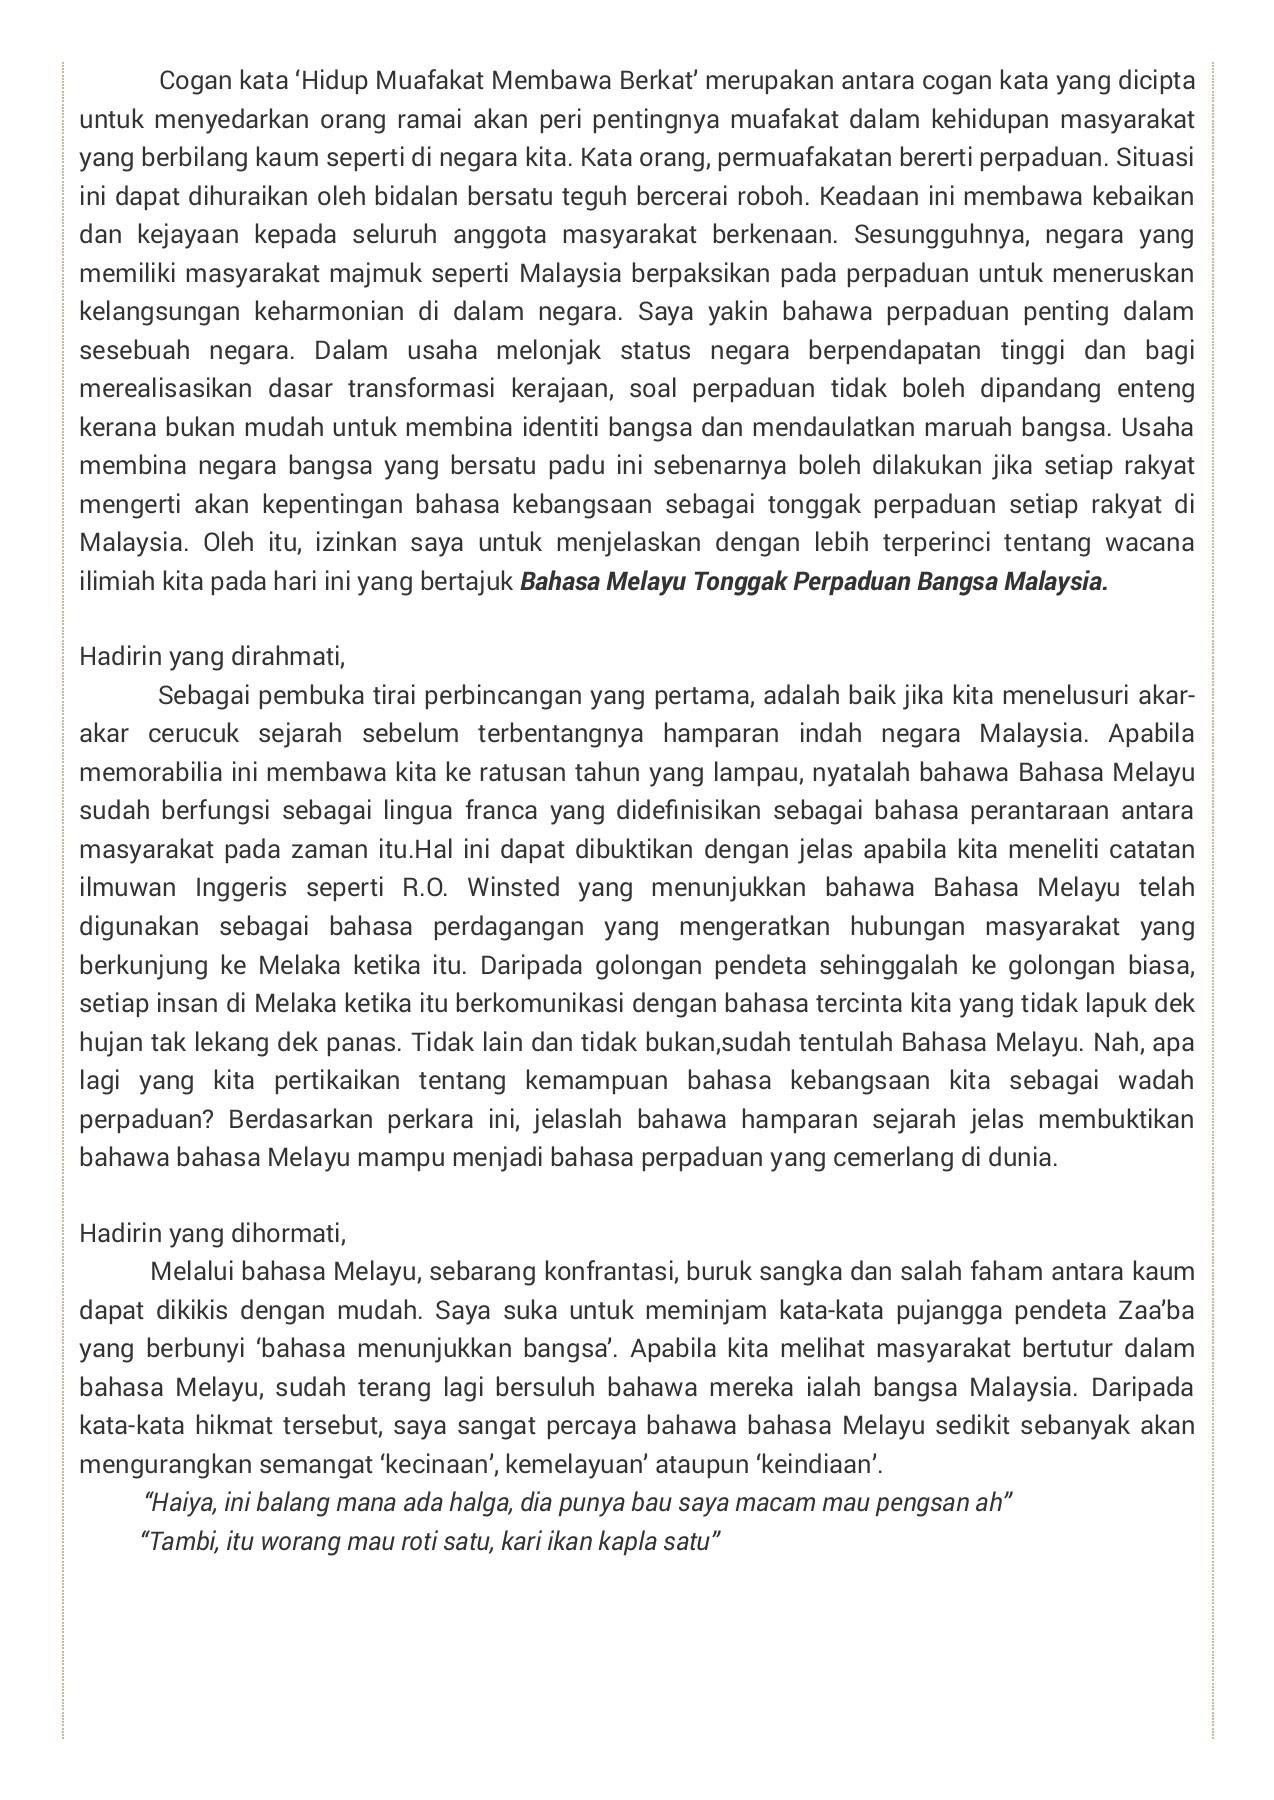 Contoh Soal To Akuntansi Contoh Teks Pidato Bahasa Melayu